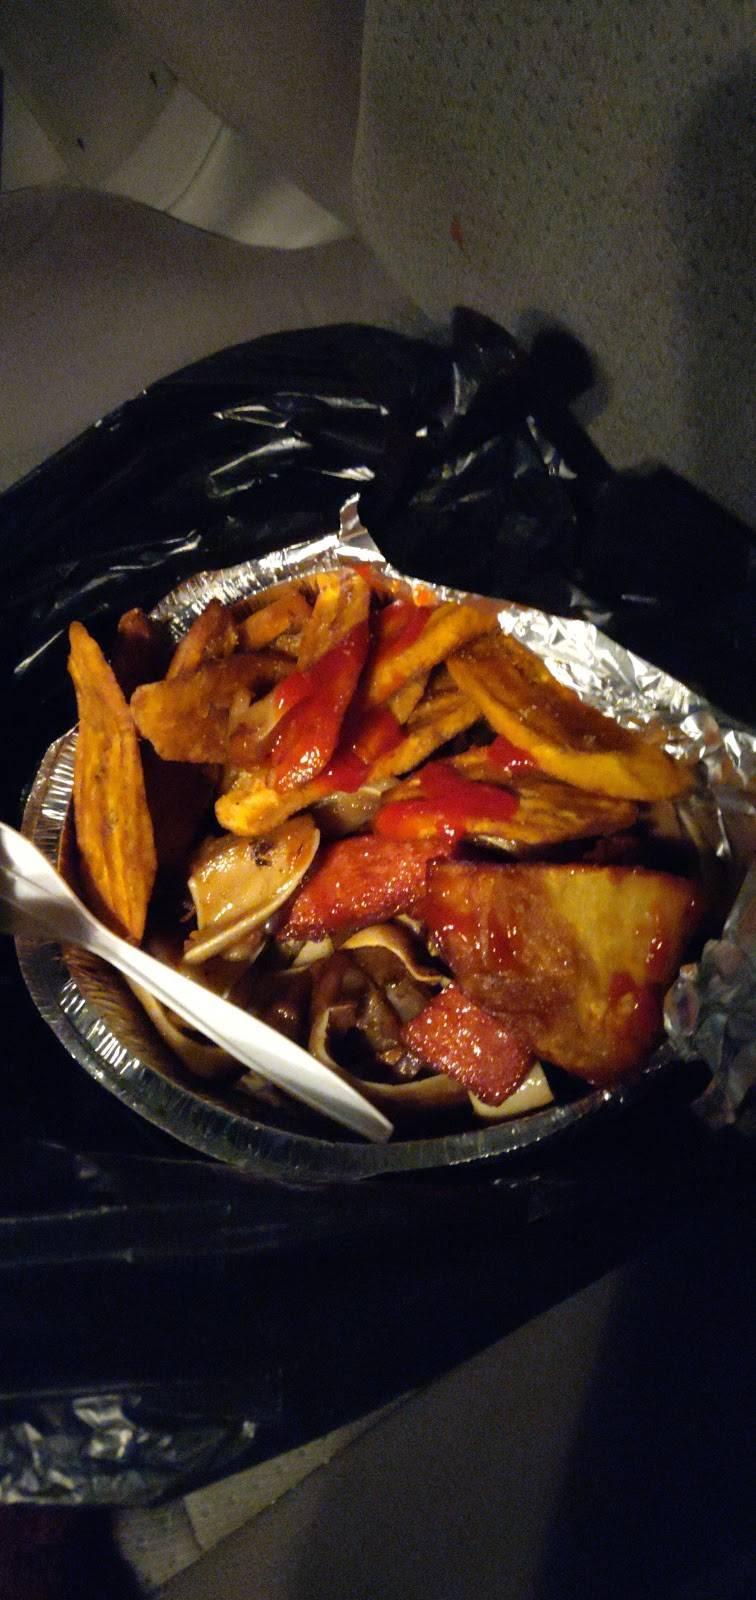 Chimichurri Frituras | restaurant | 1-7 E 181st St, Bronx, NY 10453, USA